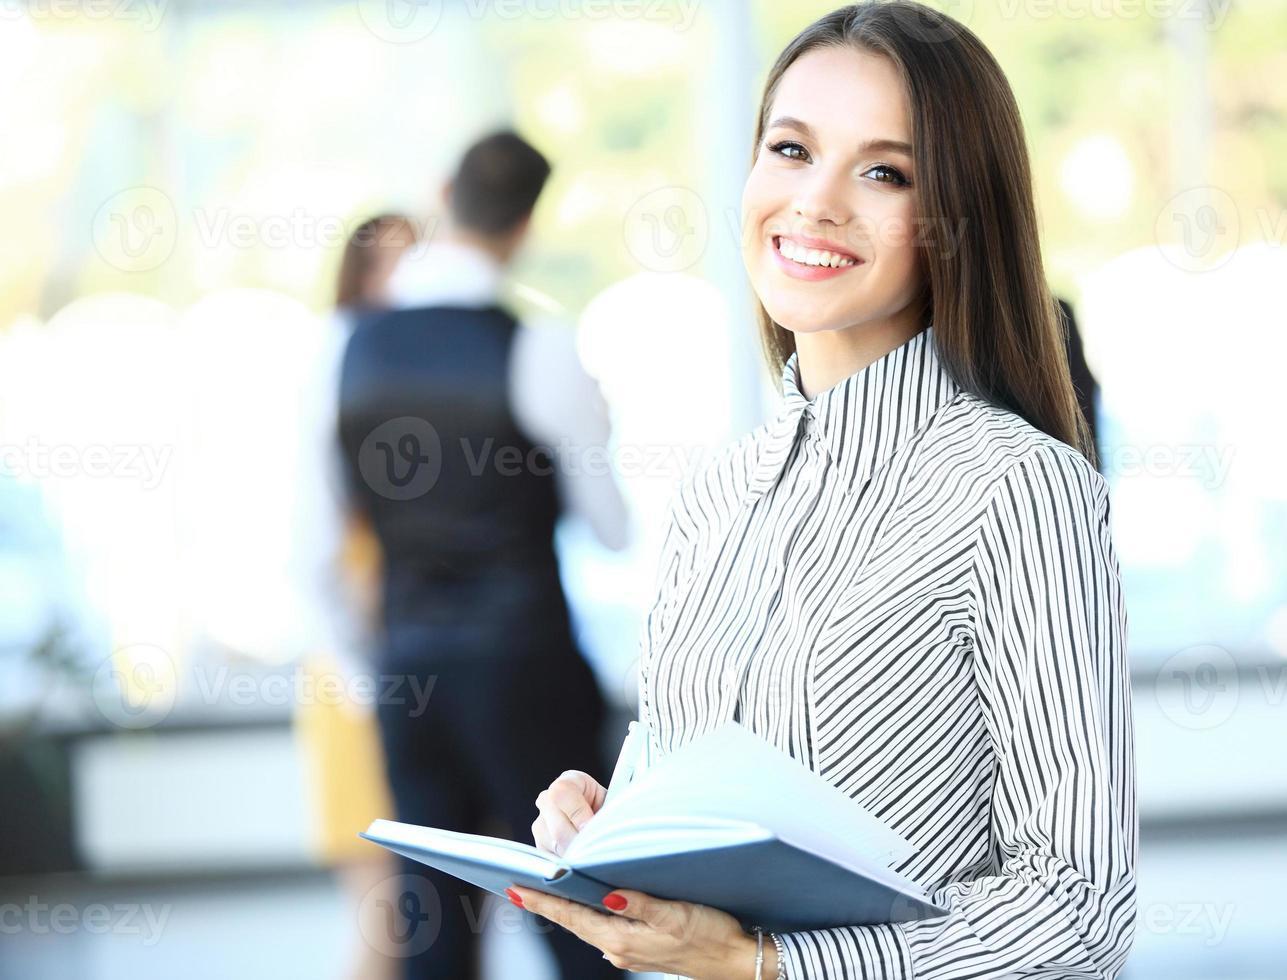 gezicht van mooie vrouw op de achtergrond van mensen uit het bedrijfsleven foto